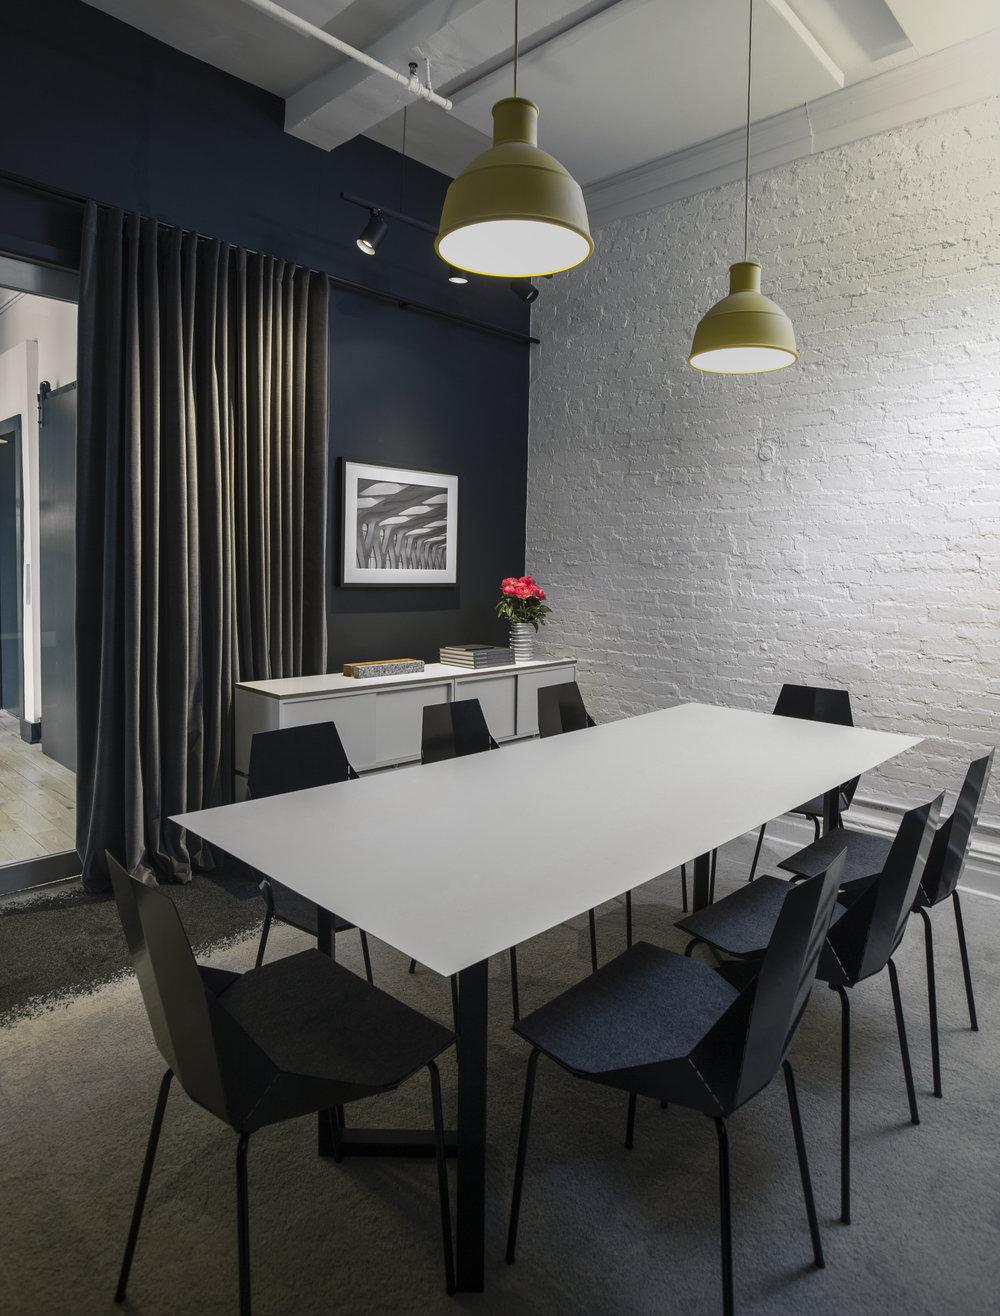 Meetingroom_21A4033.jpg